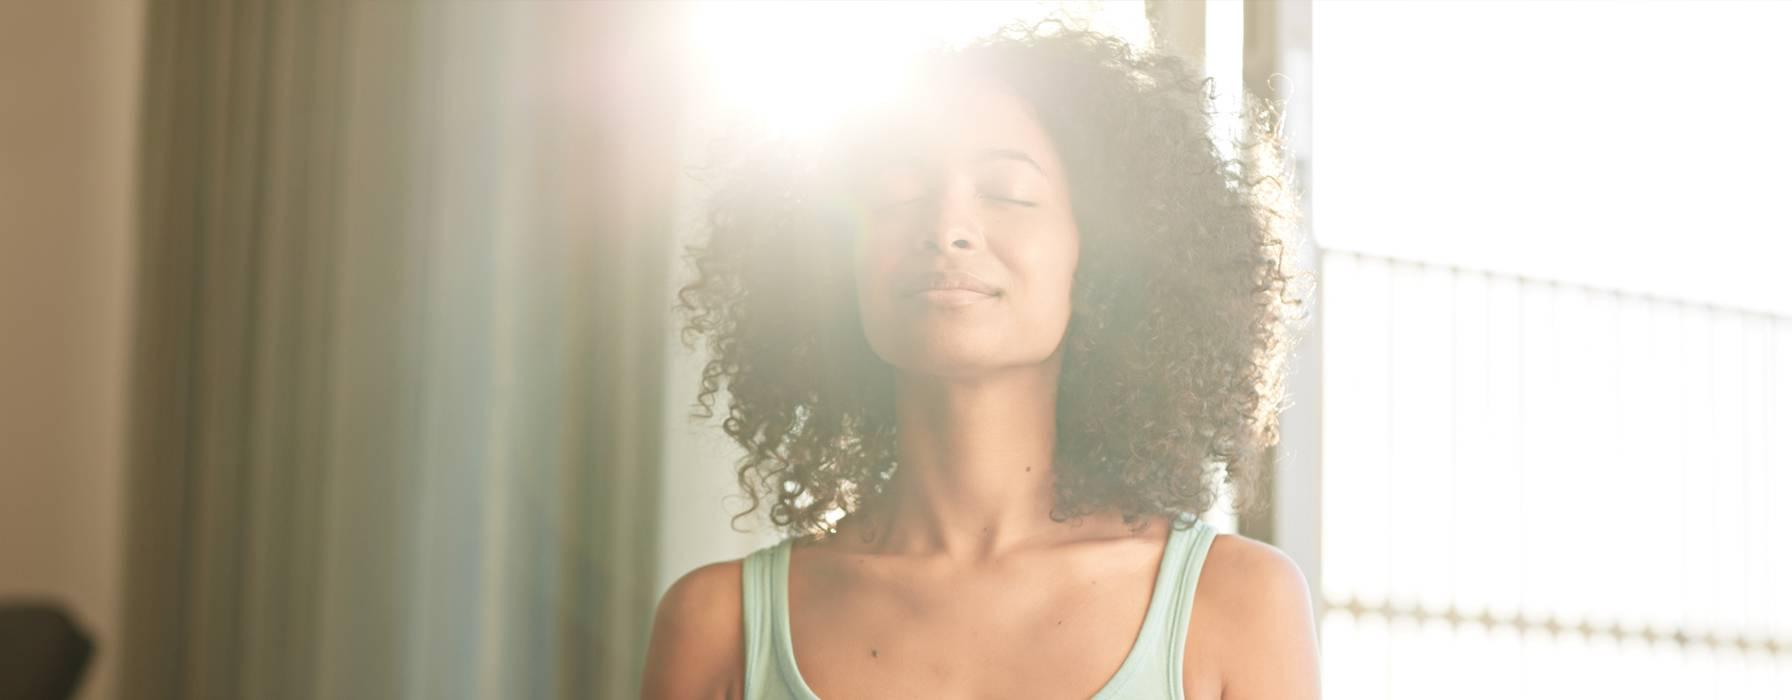 Comment Faire Pour Me Relaxer 5 gestes naturels pour apprendre à se relaxer - magazine